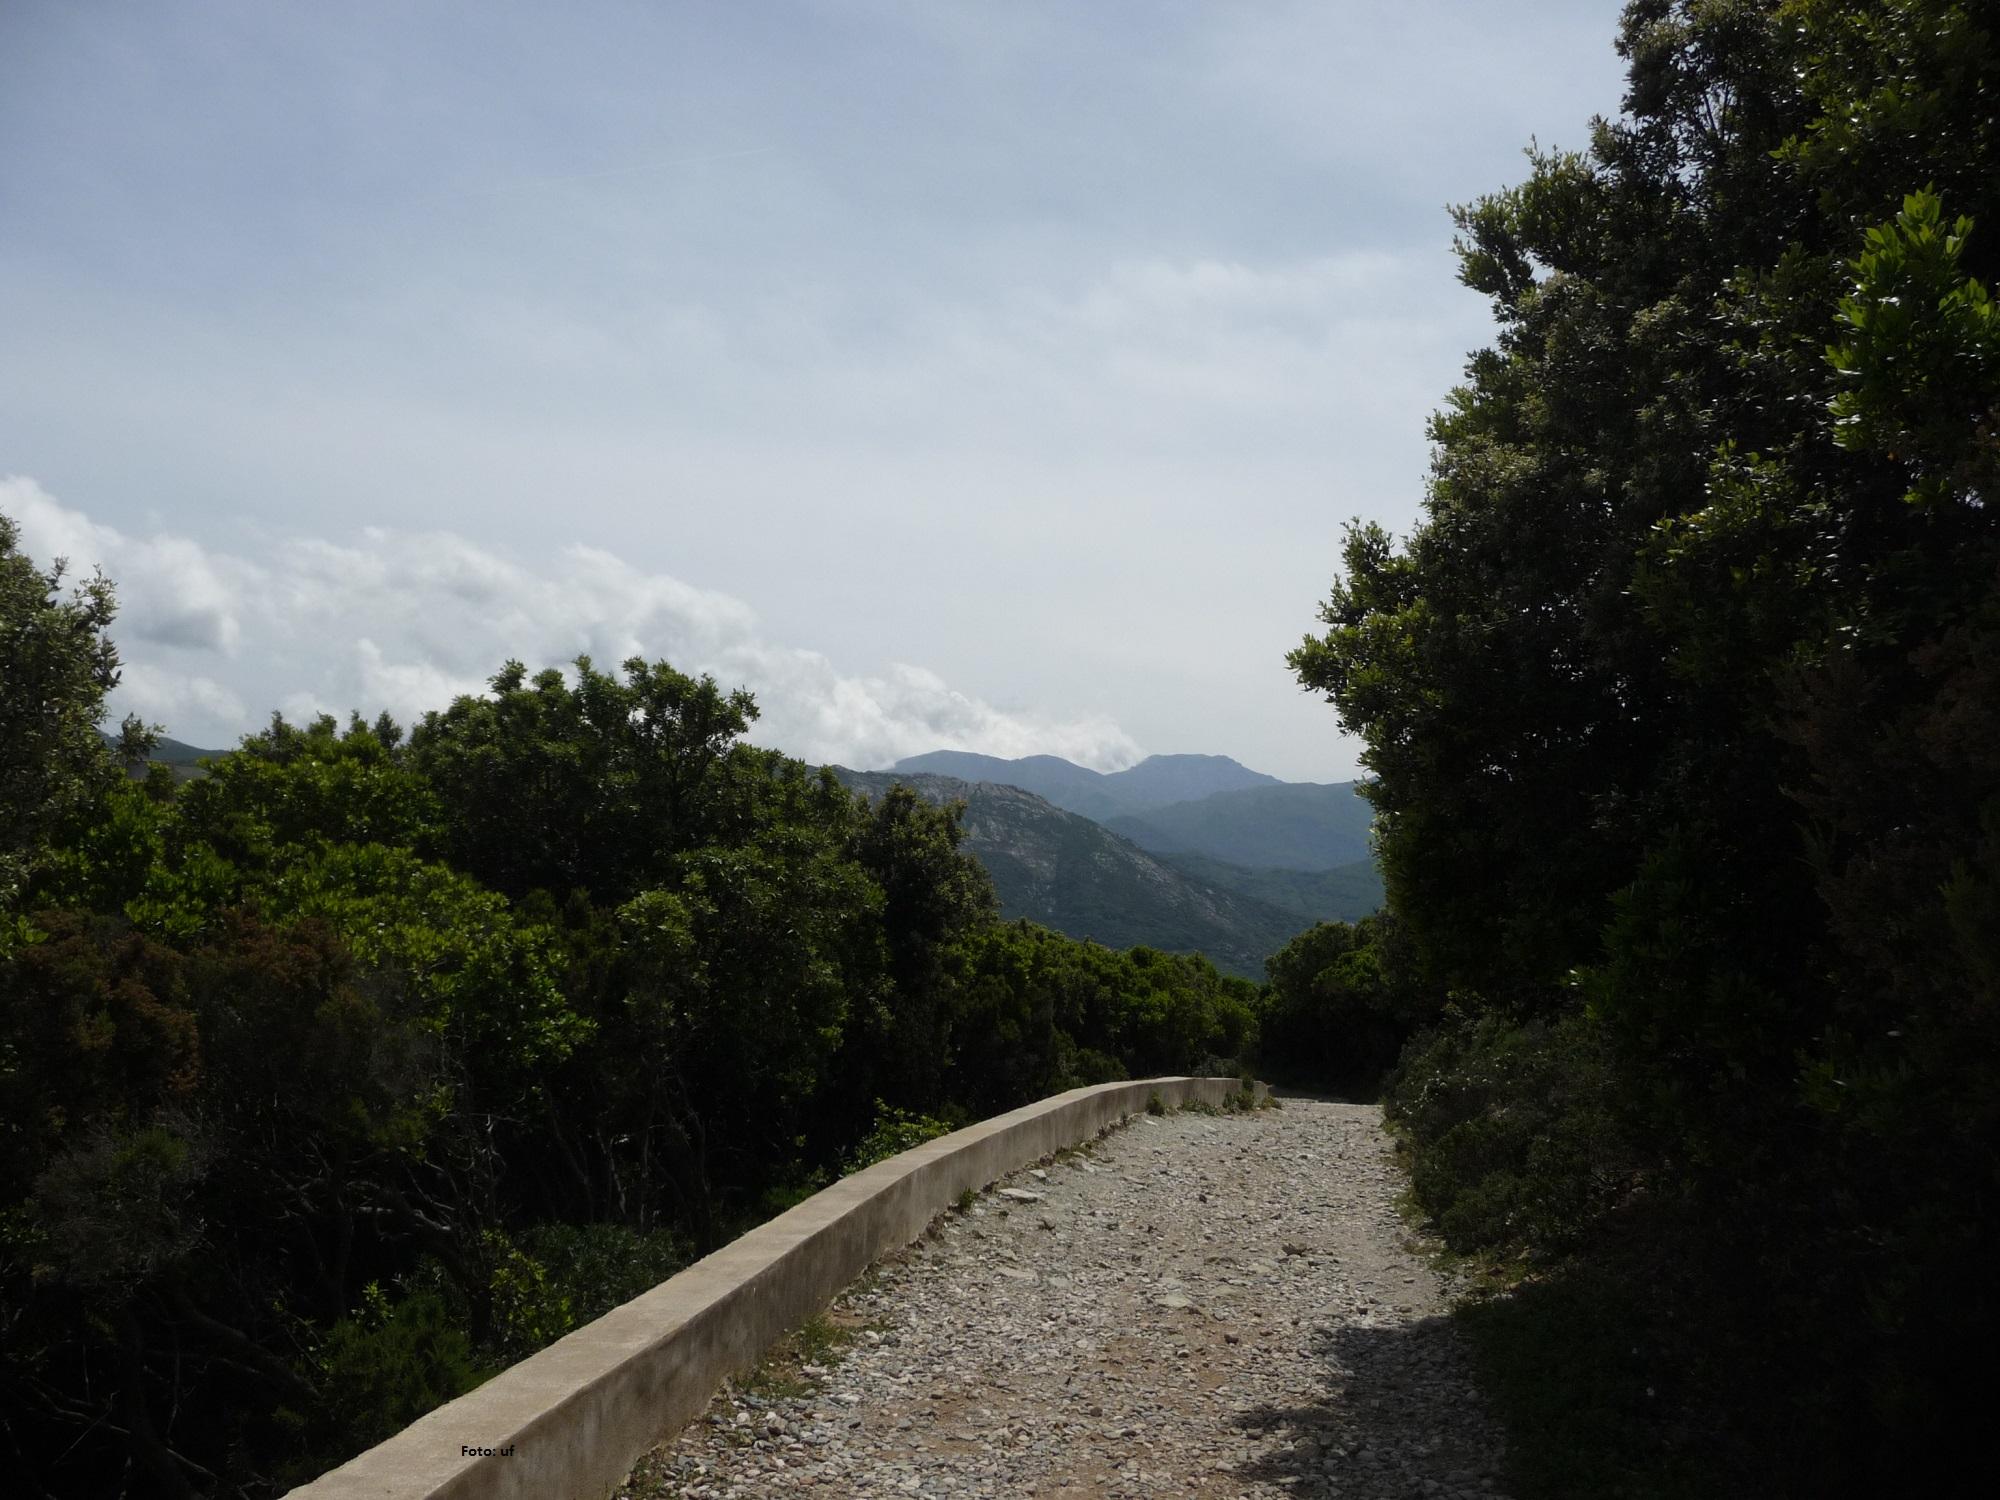 Idyllische Wege und schöne Landschaften